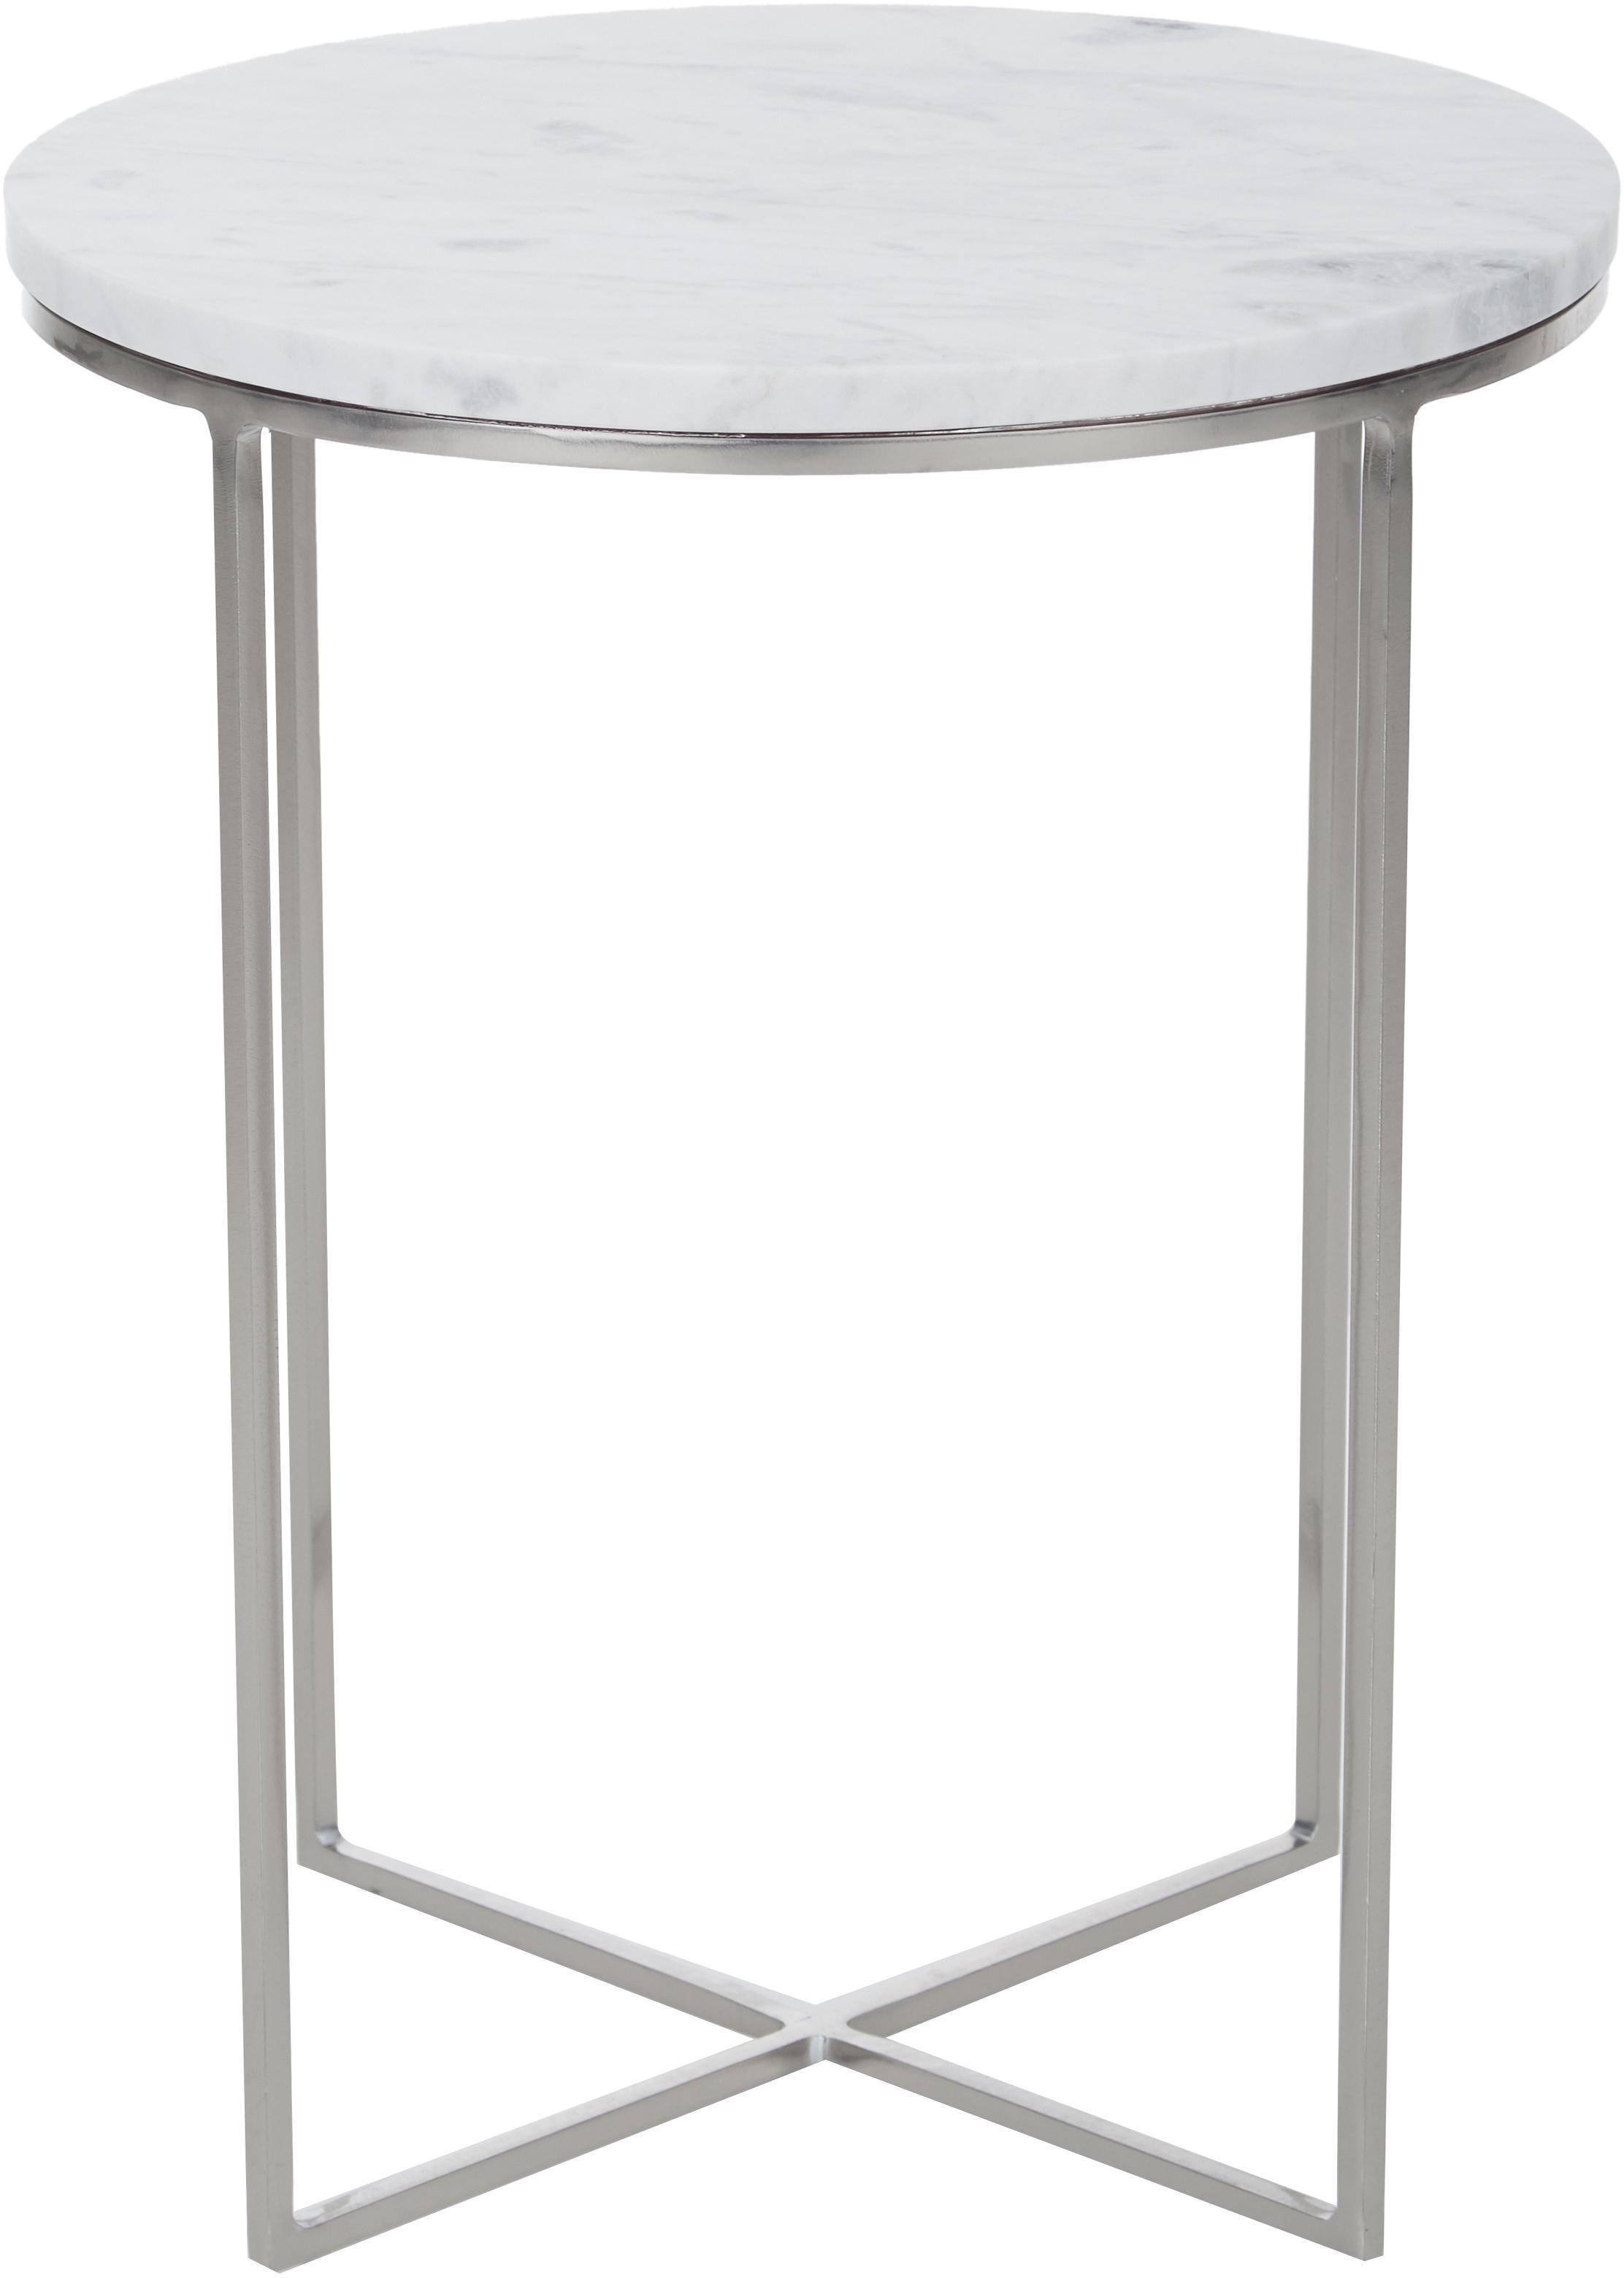 Ronde marmeren bijzettafel Alys, Tafelblad: marmer, Frame: gepoedercoat metaal, Tafelblad: wit-grijs marmer, licht glanzend. Frame: mat zilverkleurig, Ø 40 x H 50 cm